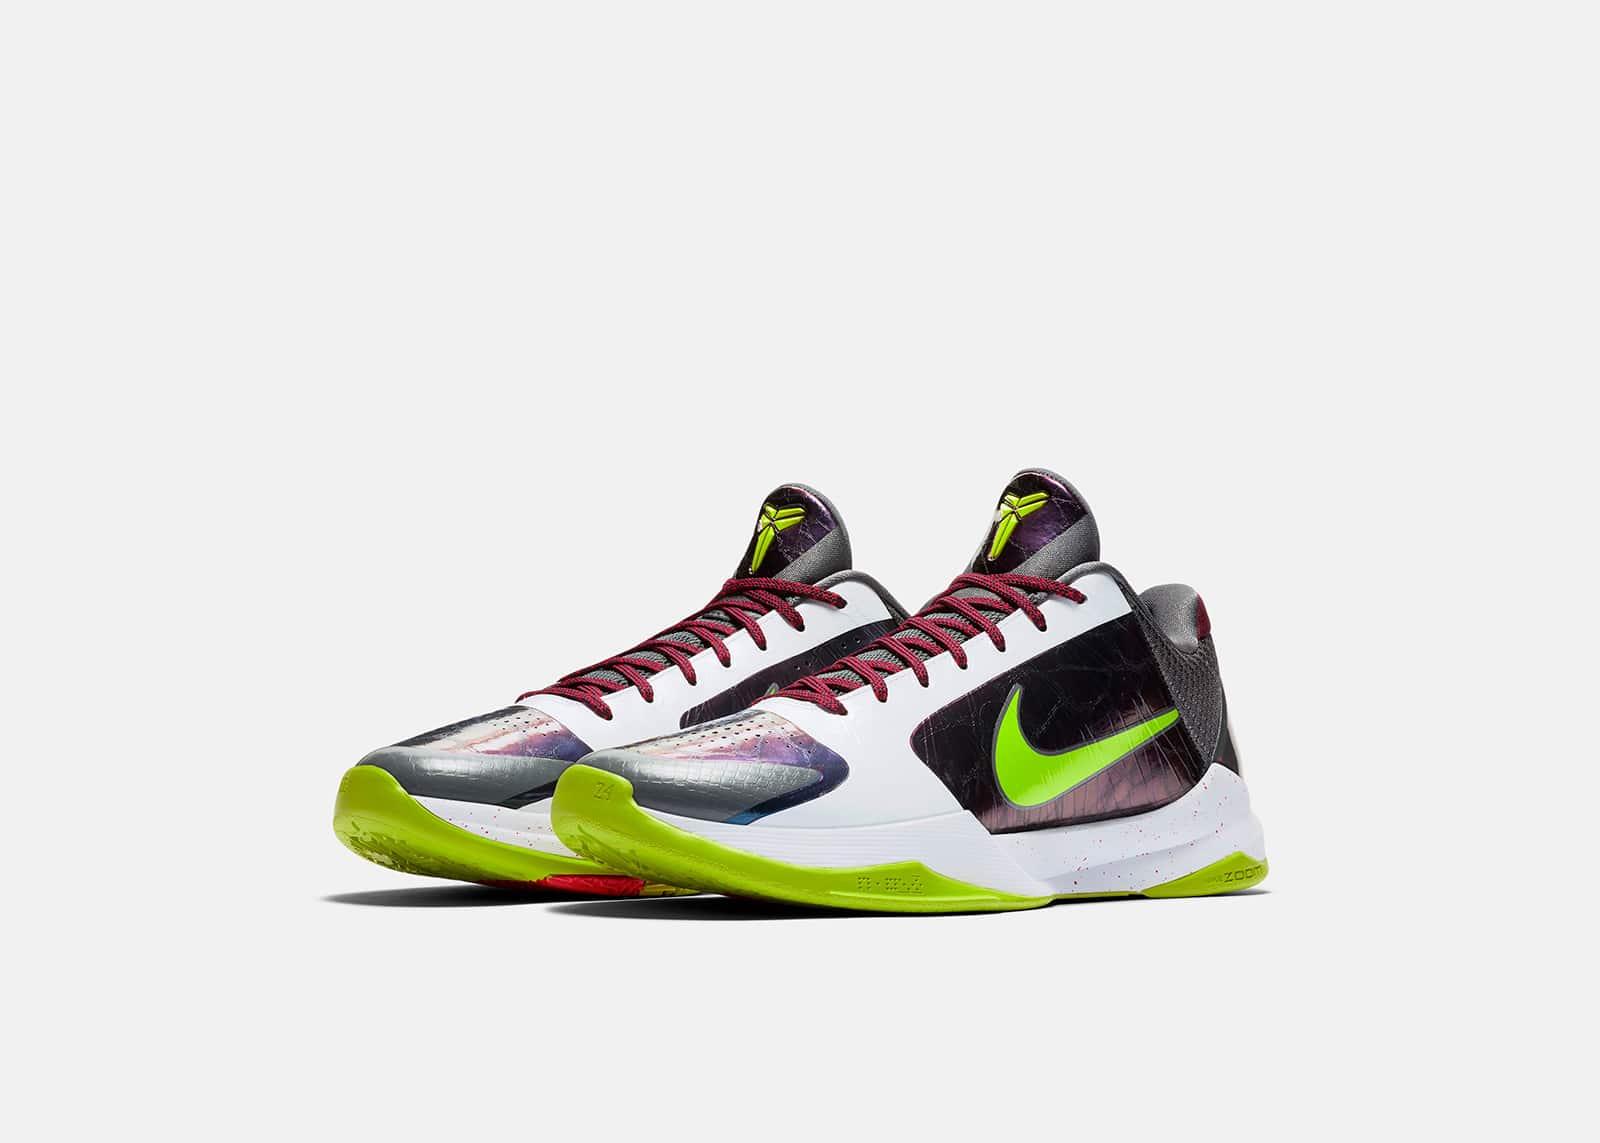 Nike Kobe V Proto Chaos